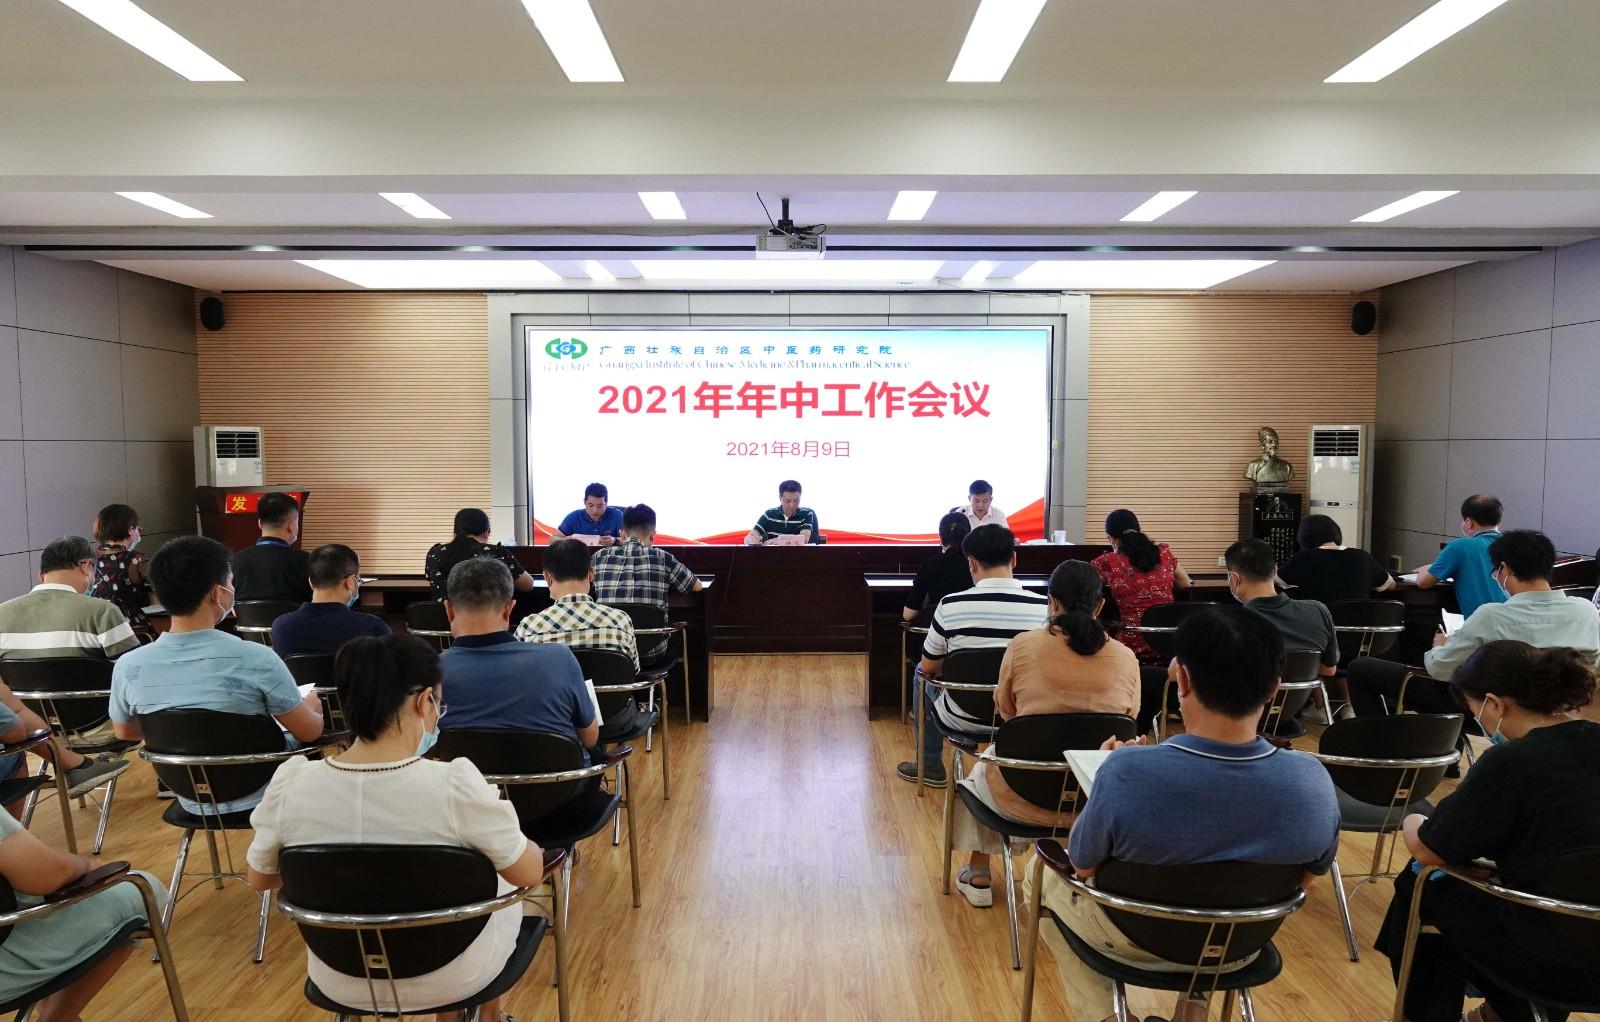 广西中医药研究院召开2021年年中工作会议